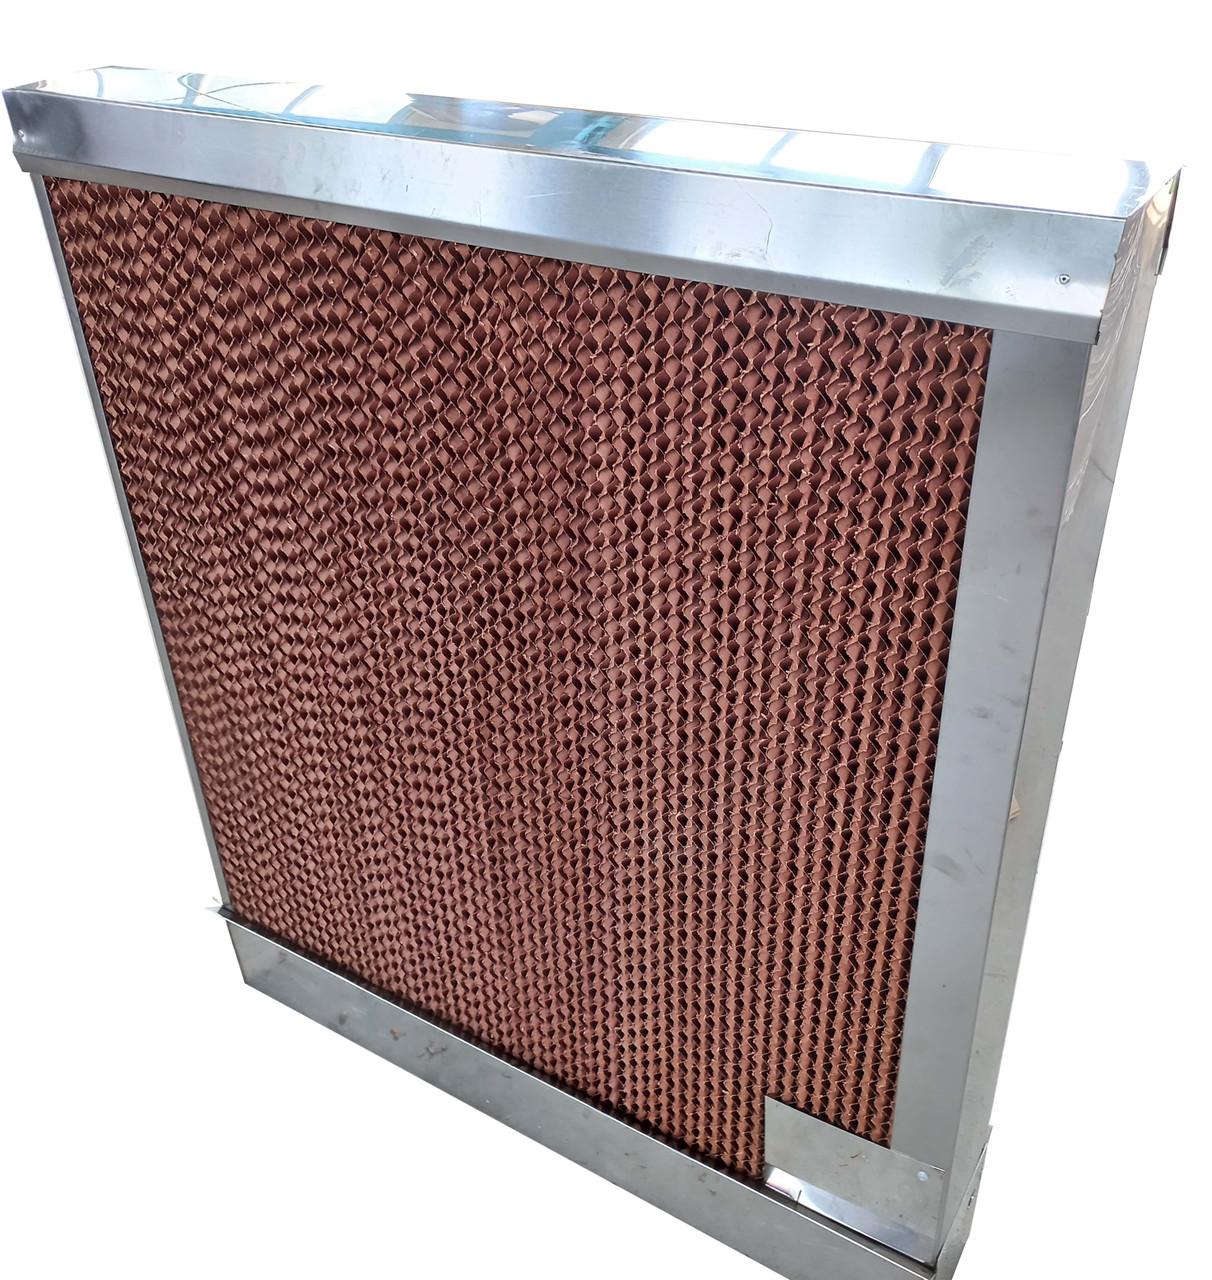 Бумажная охлаждающая панель(испарительный водяной охладитель) для крольчатника, птичника, теплиц 183х15х95 см.